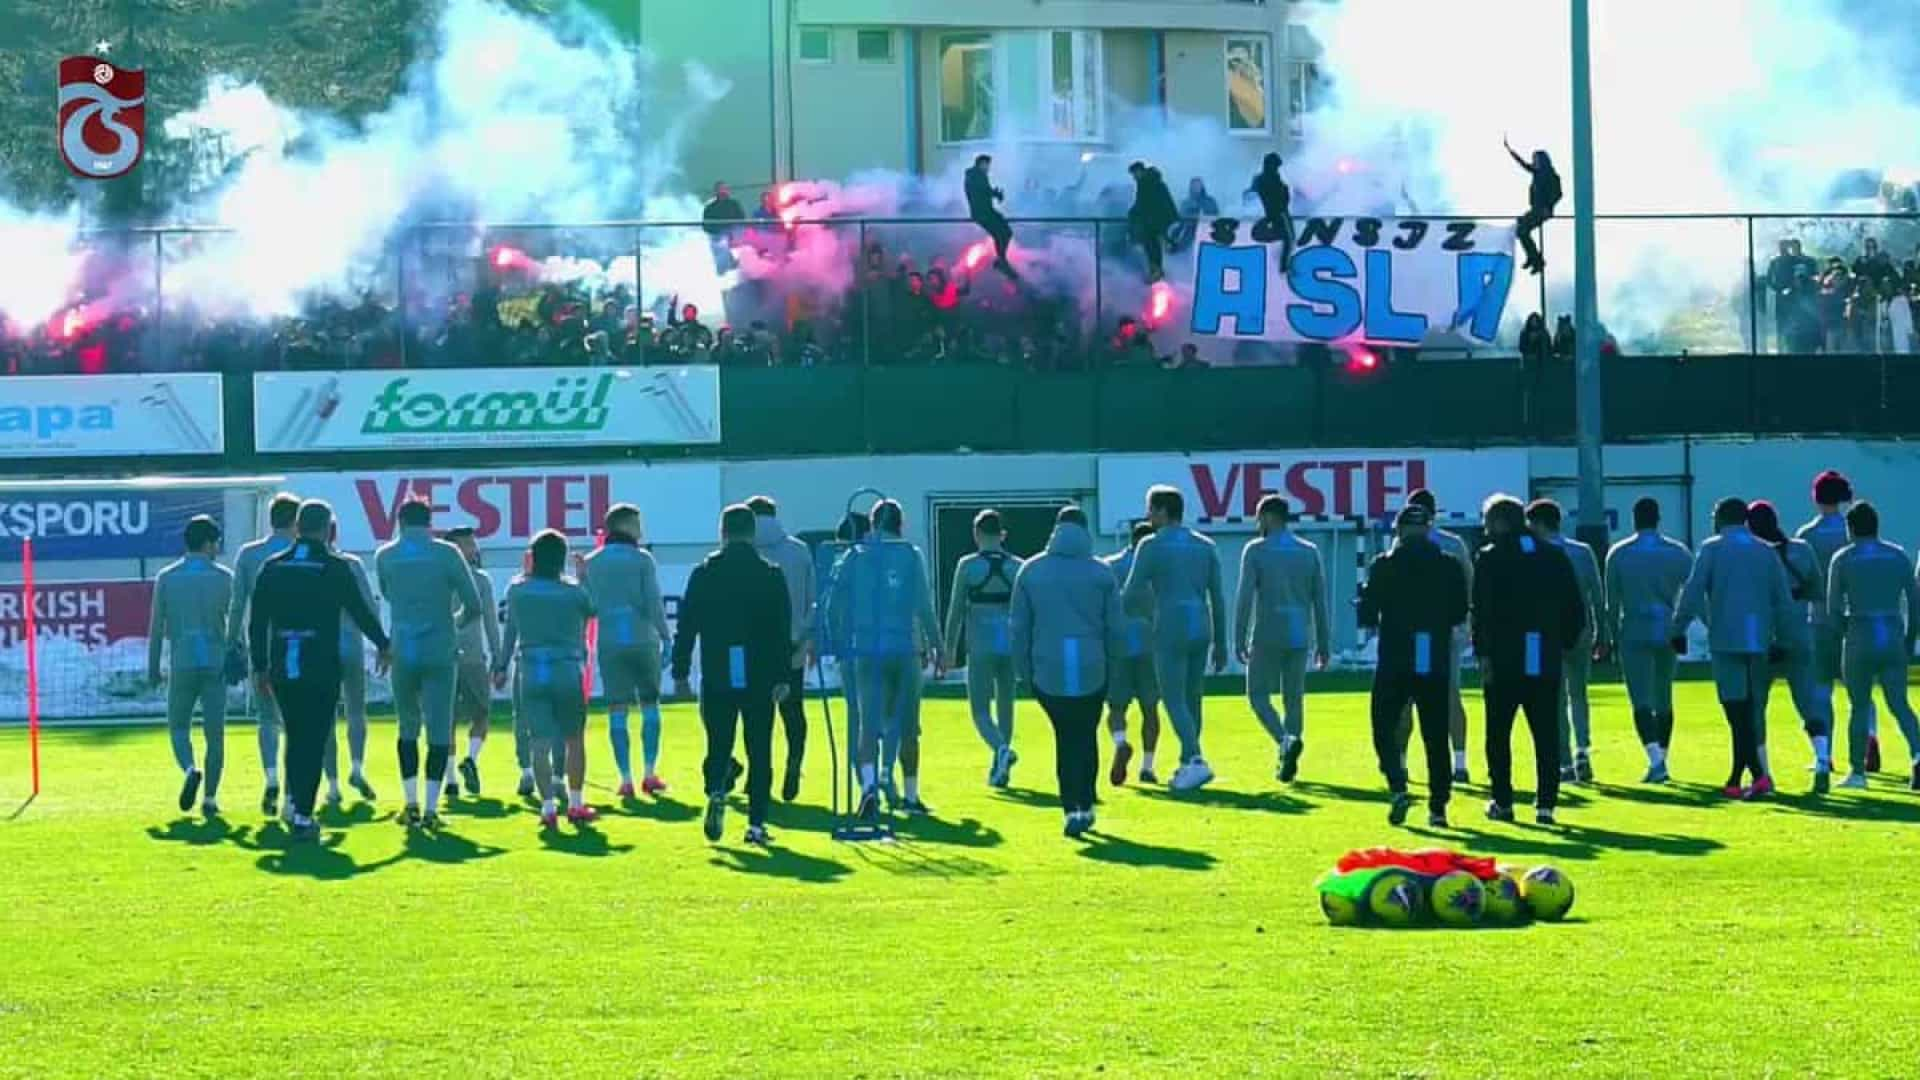 Adeptos do Trabzonspor protagonizam espetáculo no treino da equipa turca